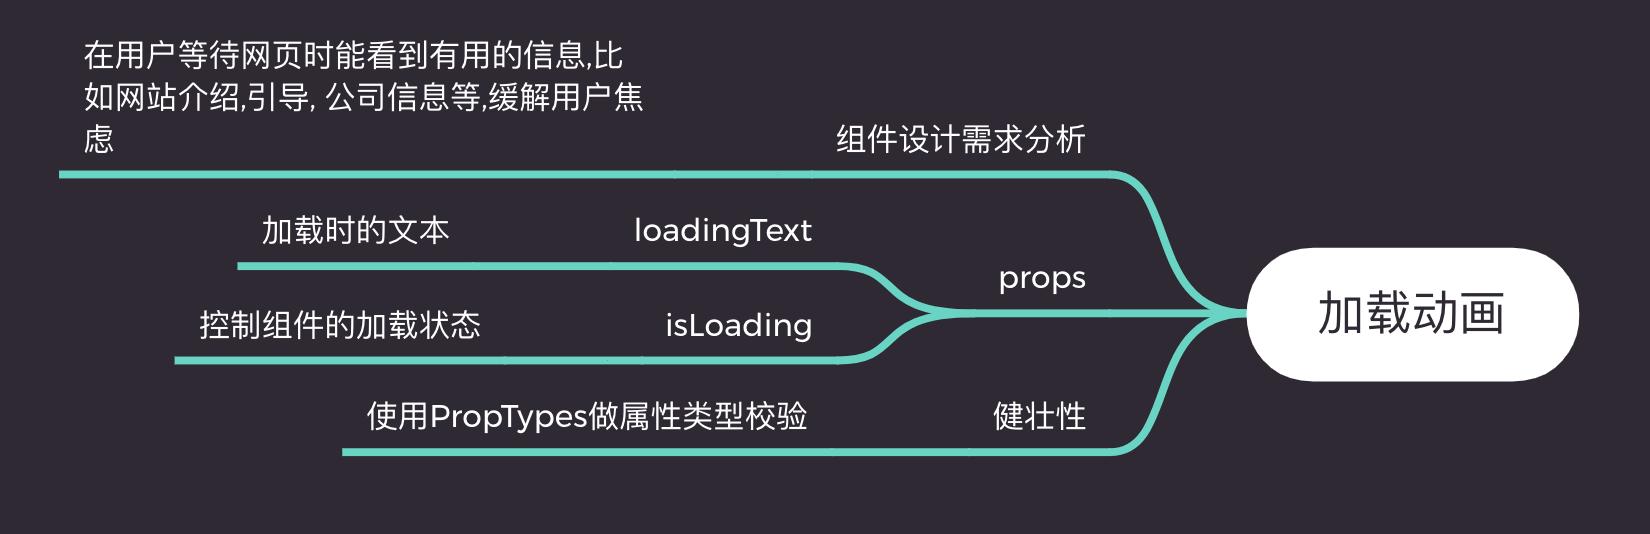 《精通react/vue组件设计》之5分钟教你实现一个极具创意的加载(Loading)组件